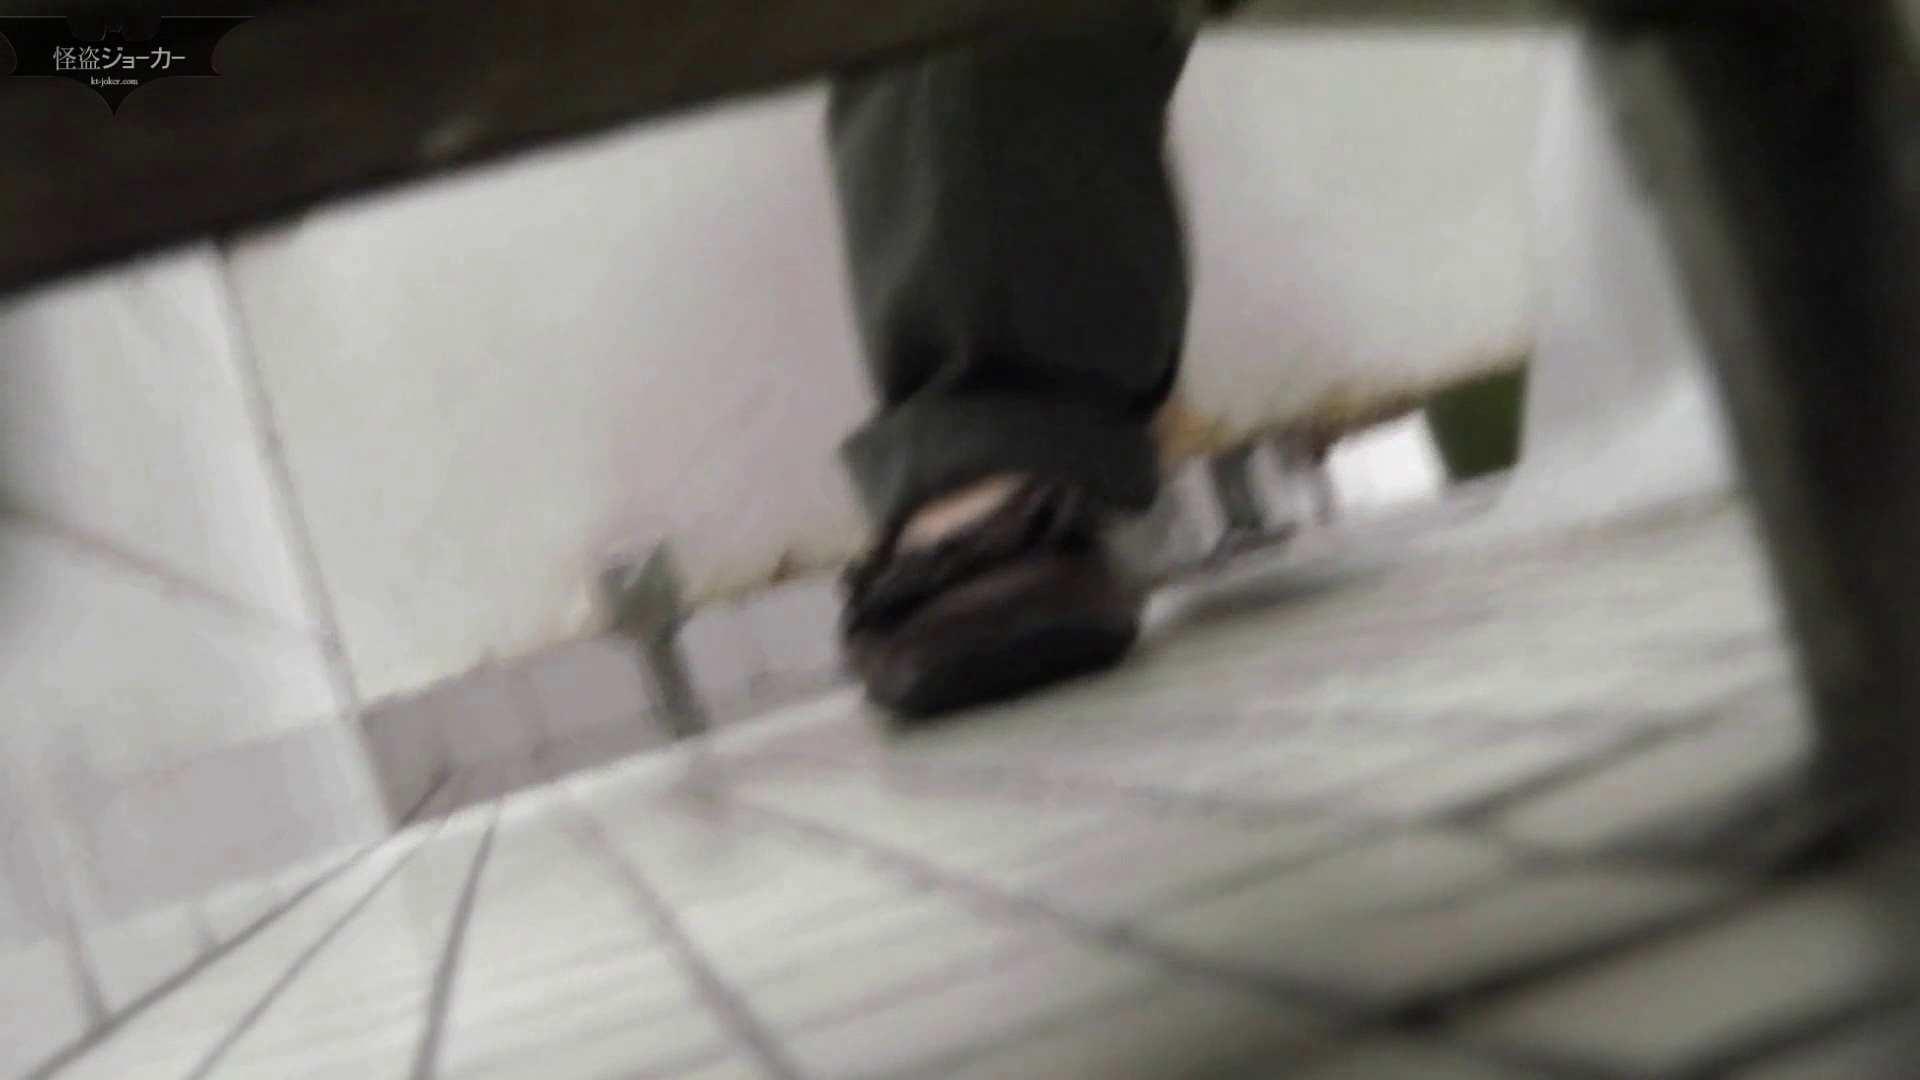 無修正エロ動画:洗面所特攻隊 vol.049 飲みすぎちゃってリバース!:怪盗ジョーカー